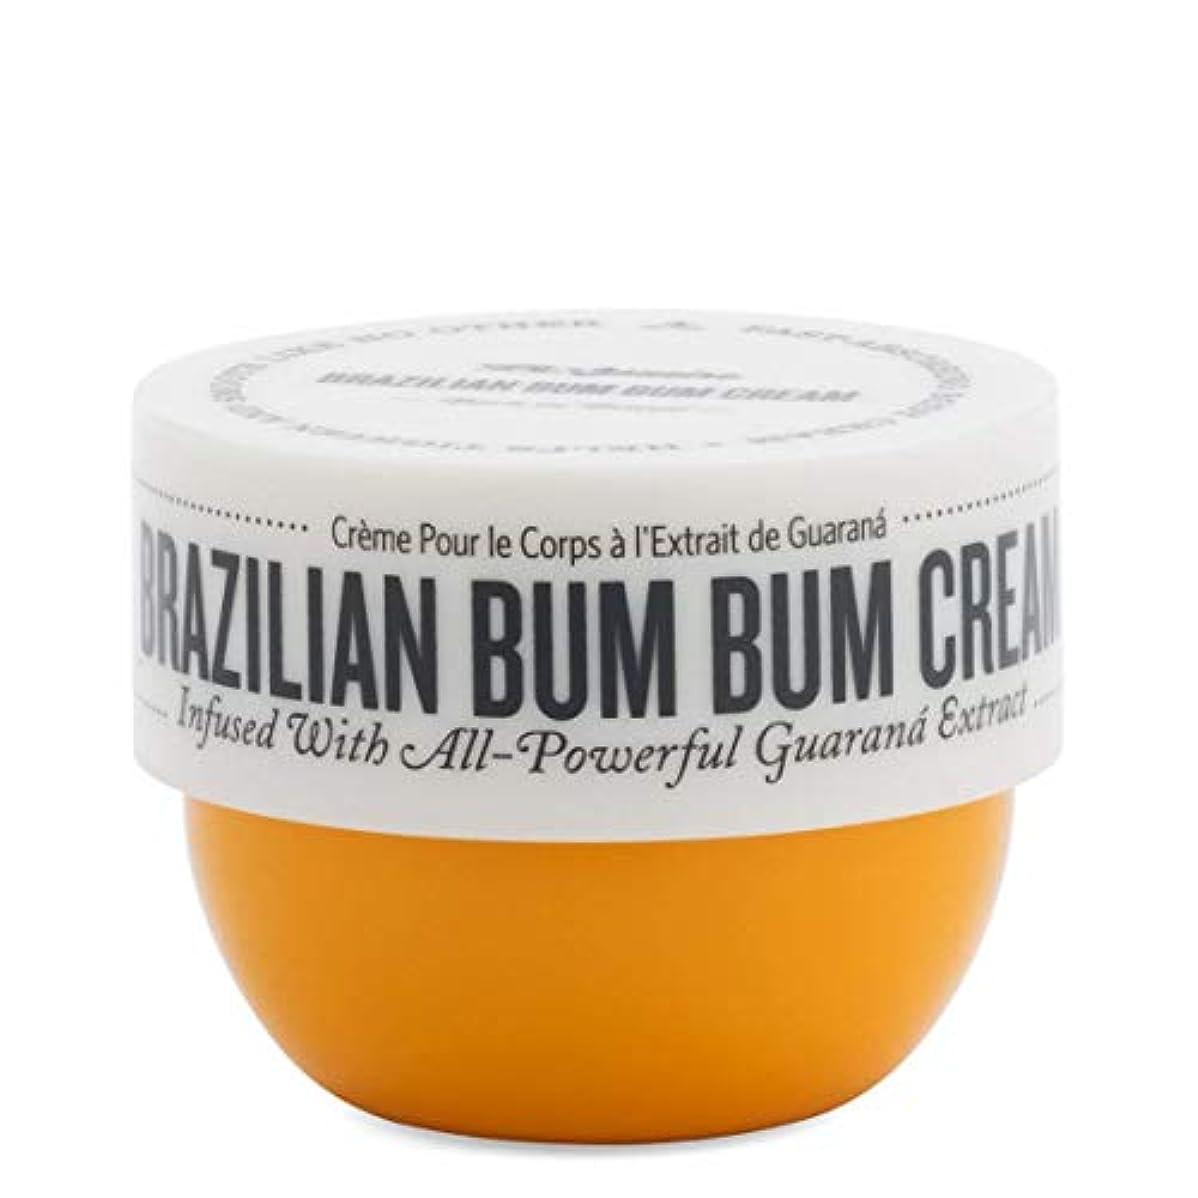 生物学煙社会学《 ブラジリアン ブンブンクリーム 》Brazilian BUM BUM Cream (240ml)